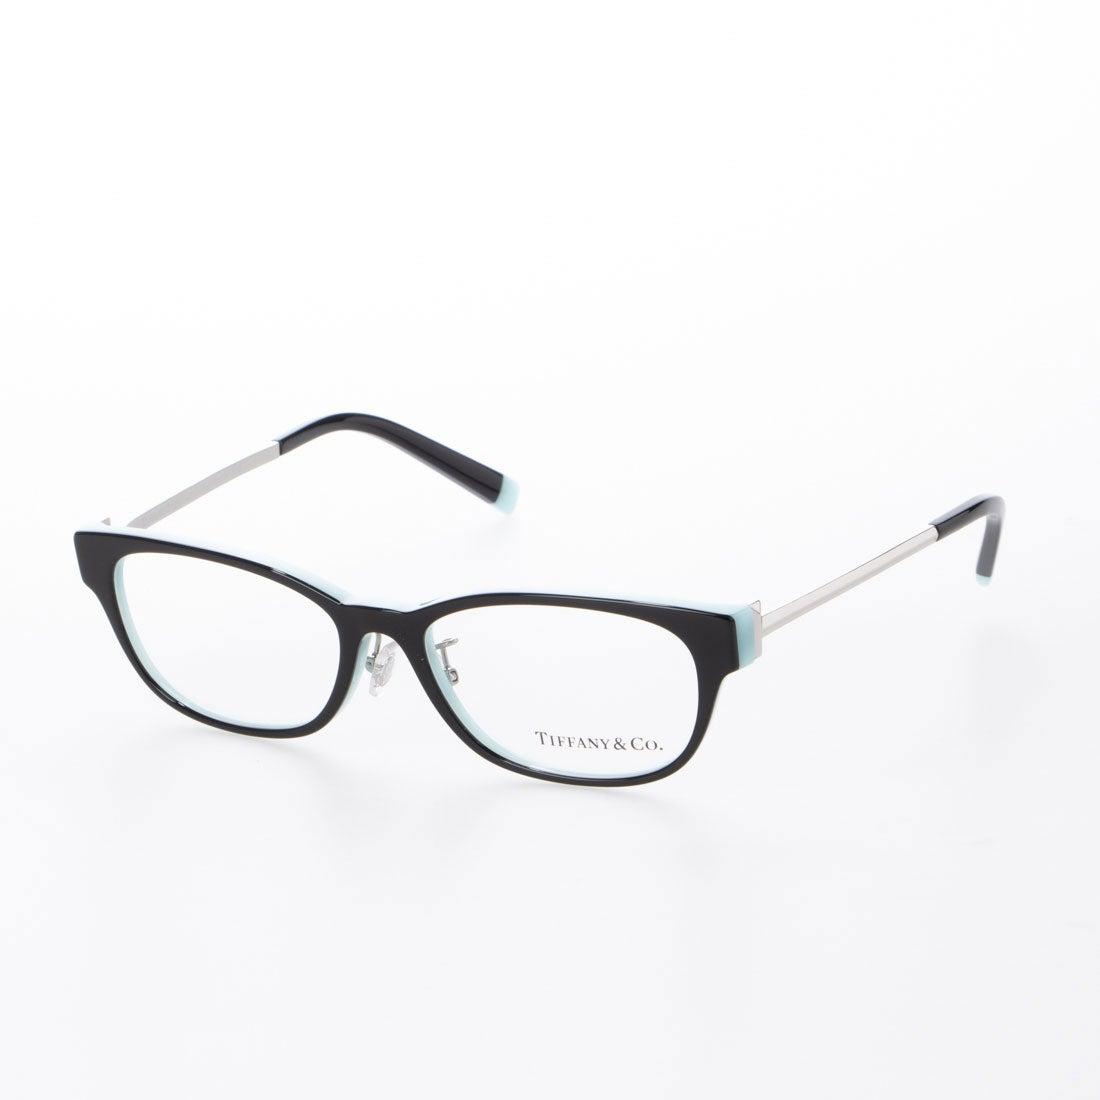 ティファニー TIFFANY メガネ 眼鏡 アイウェア レディース メンズ (ブラック/ティファニーブルー)